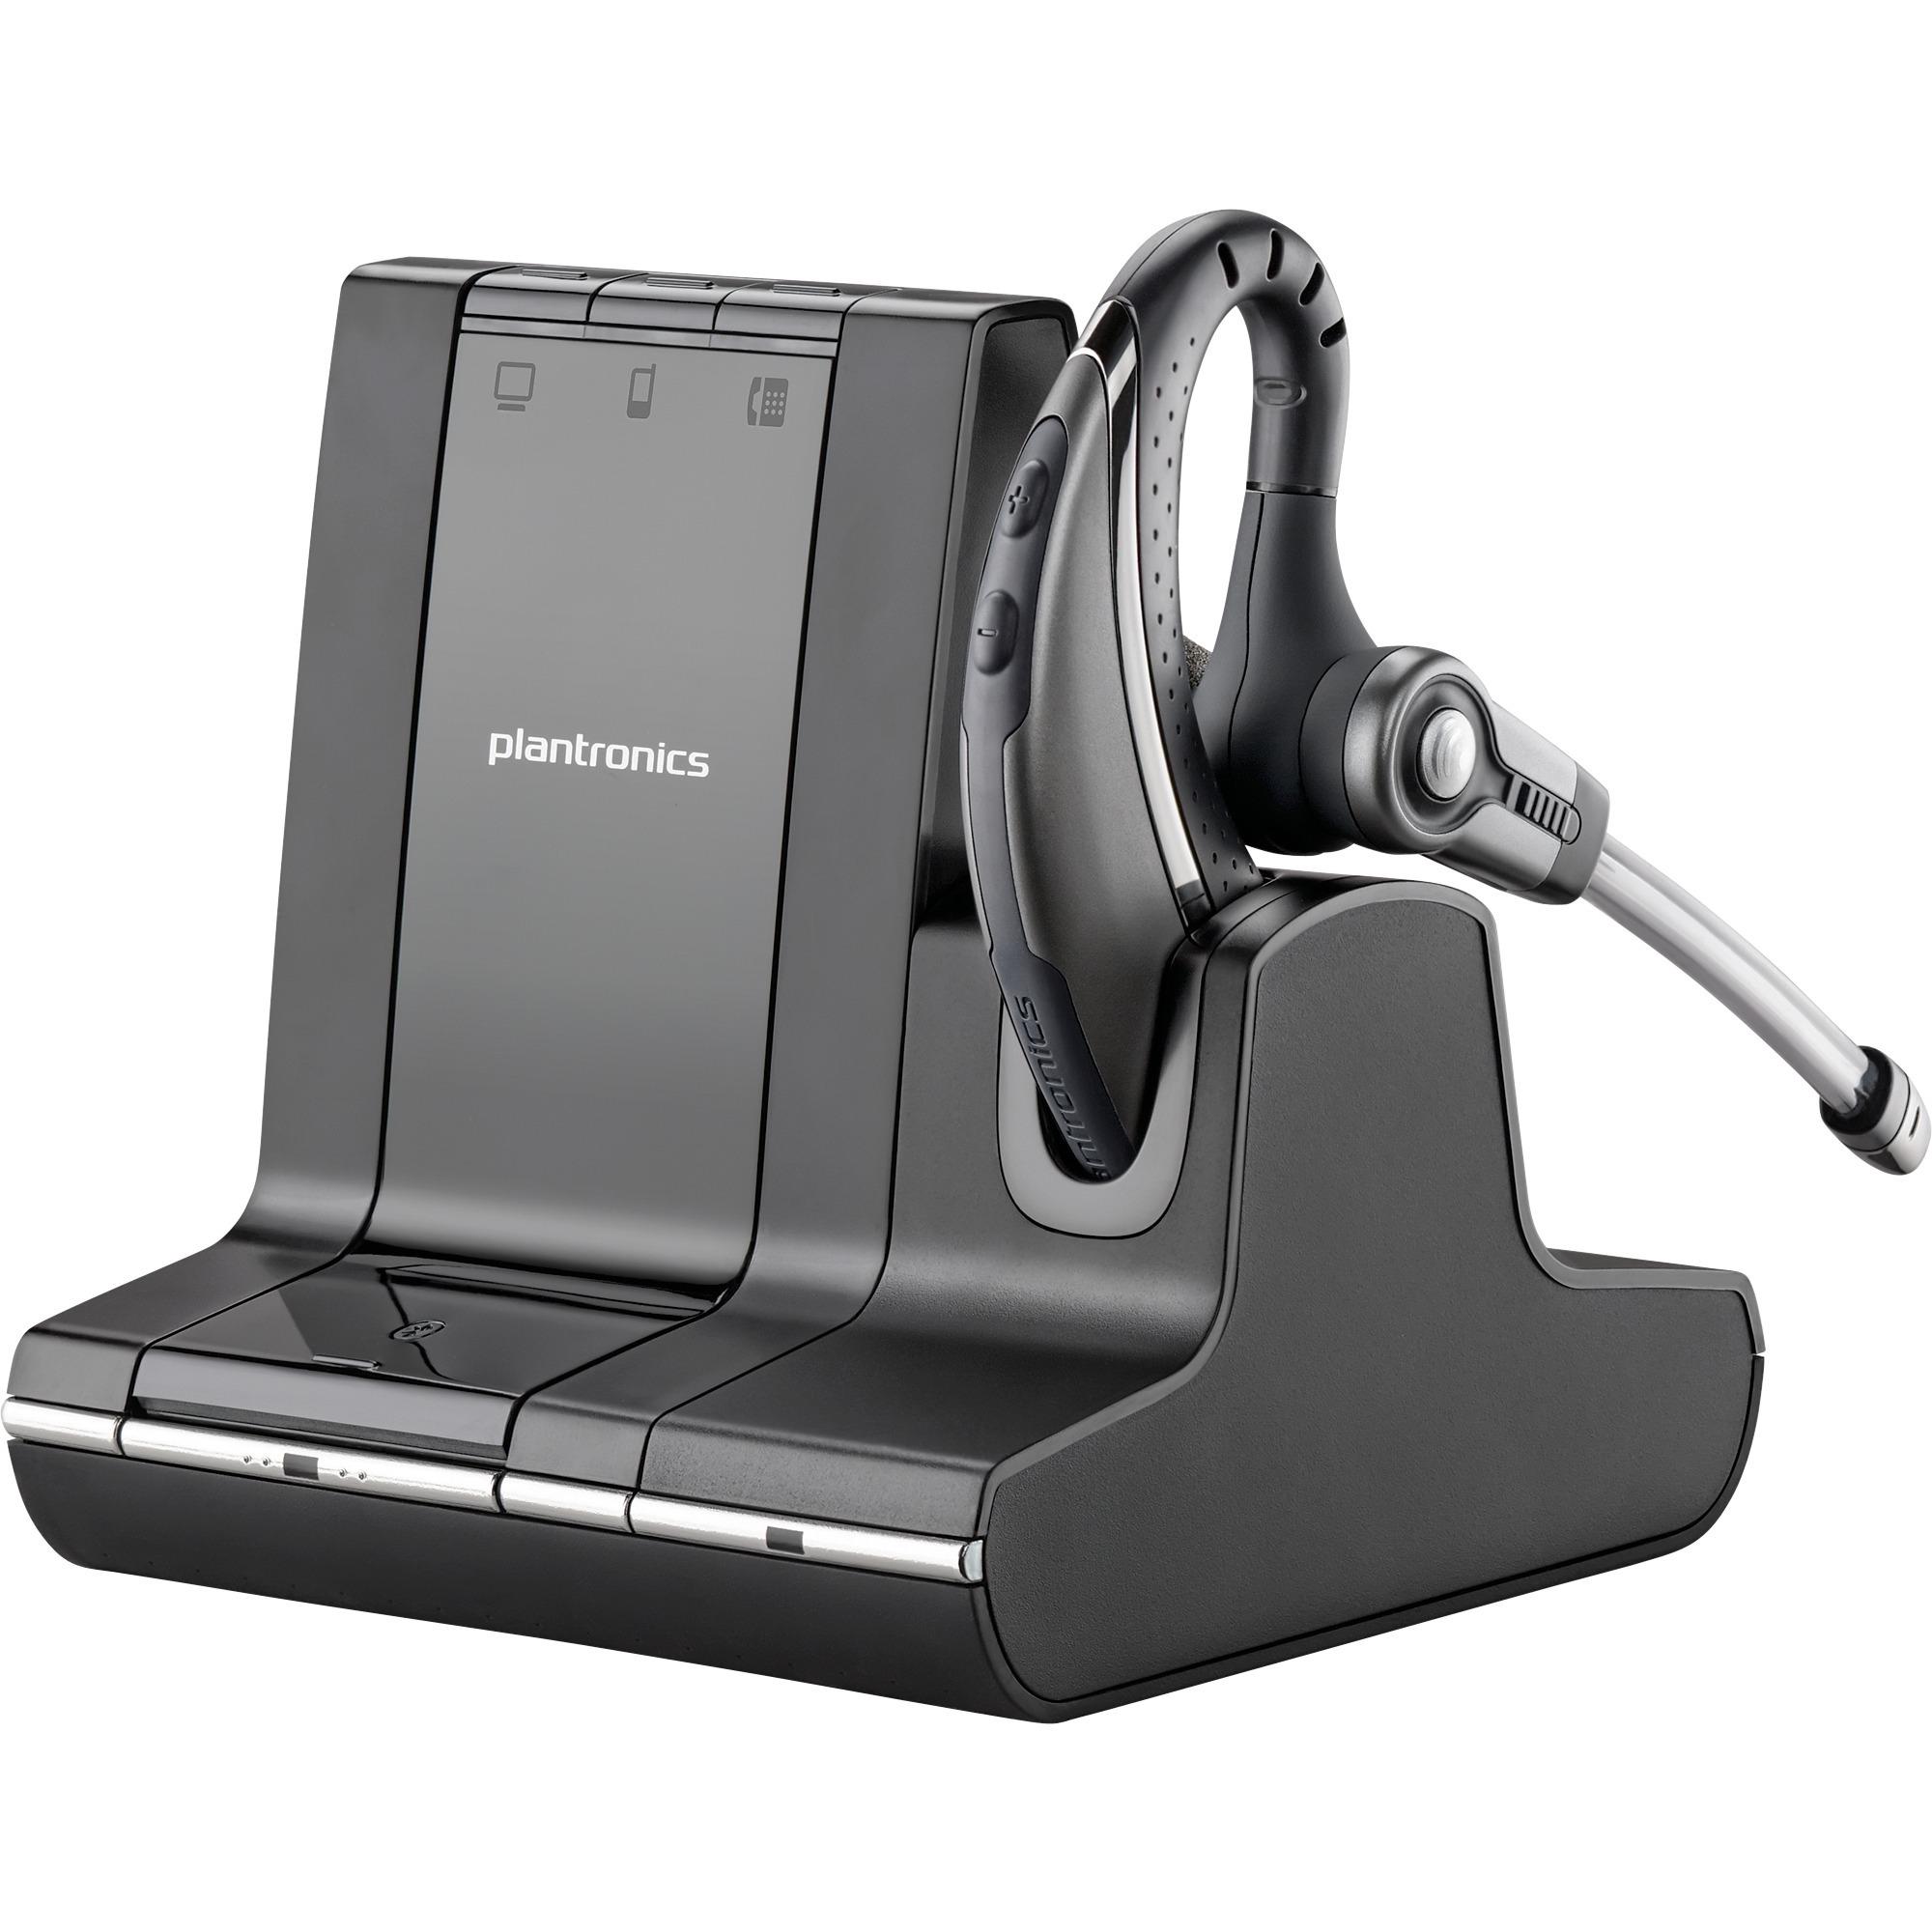 savi-w730-m-ear-hook-mono-traadlos-sort-telefon-headsat-headset